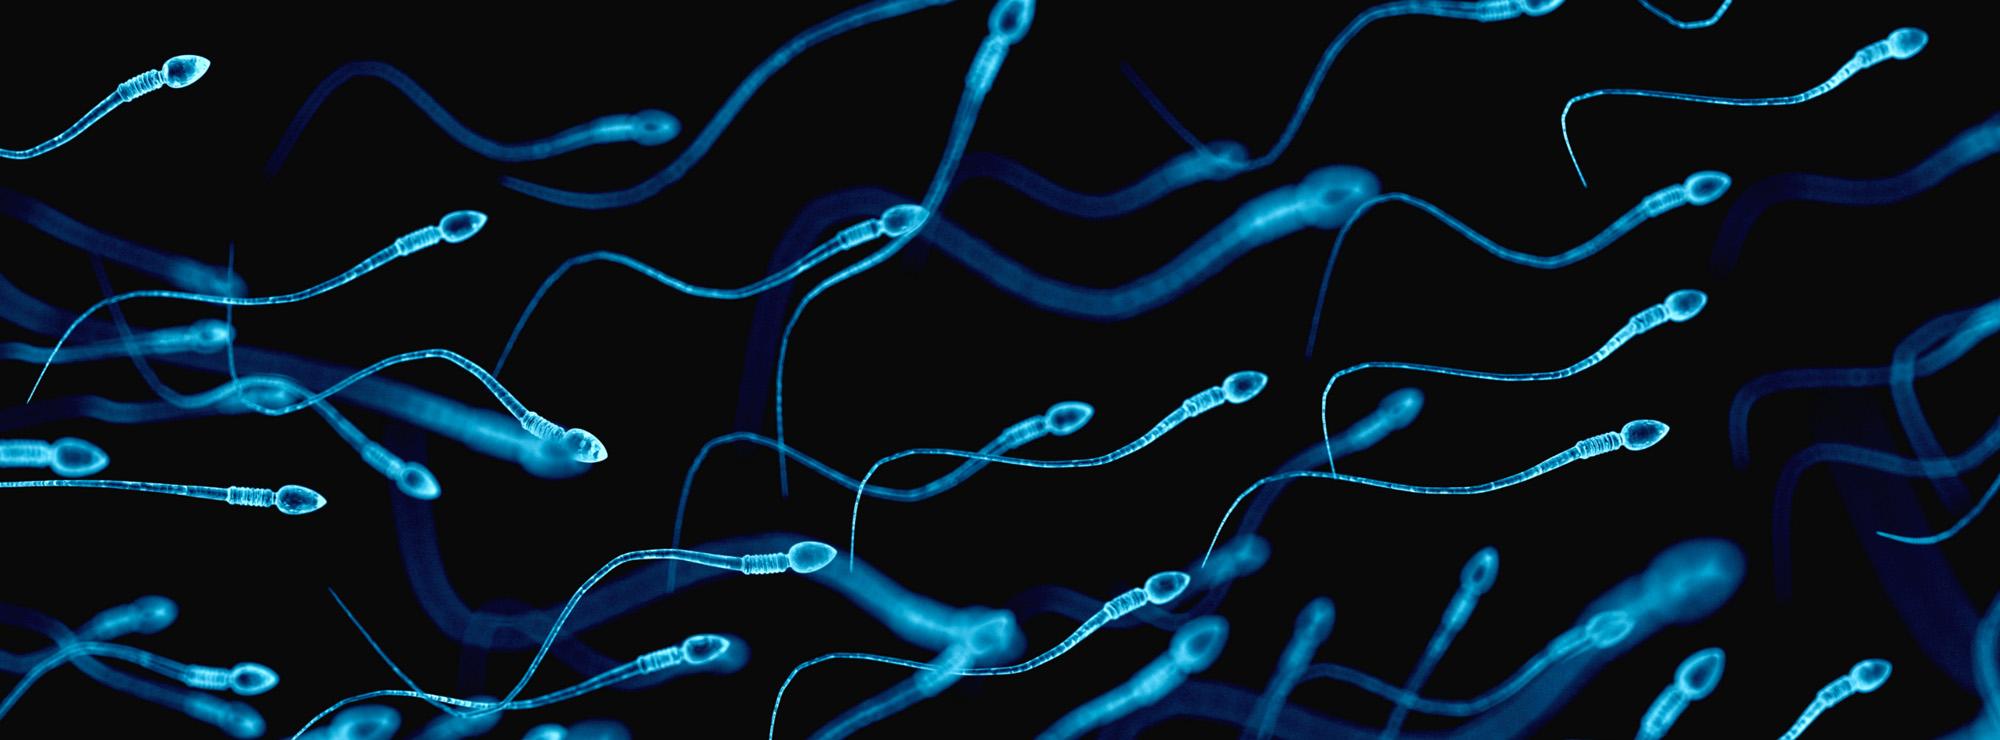 Artificial sperm breakthrough gives infertile men new hope – Fanatical Futurist by International Keynote Speaker Matthew Griffin